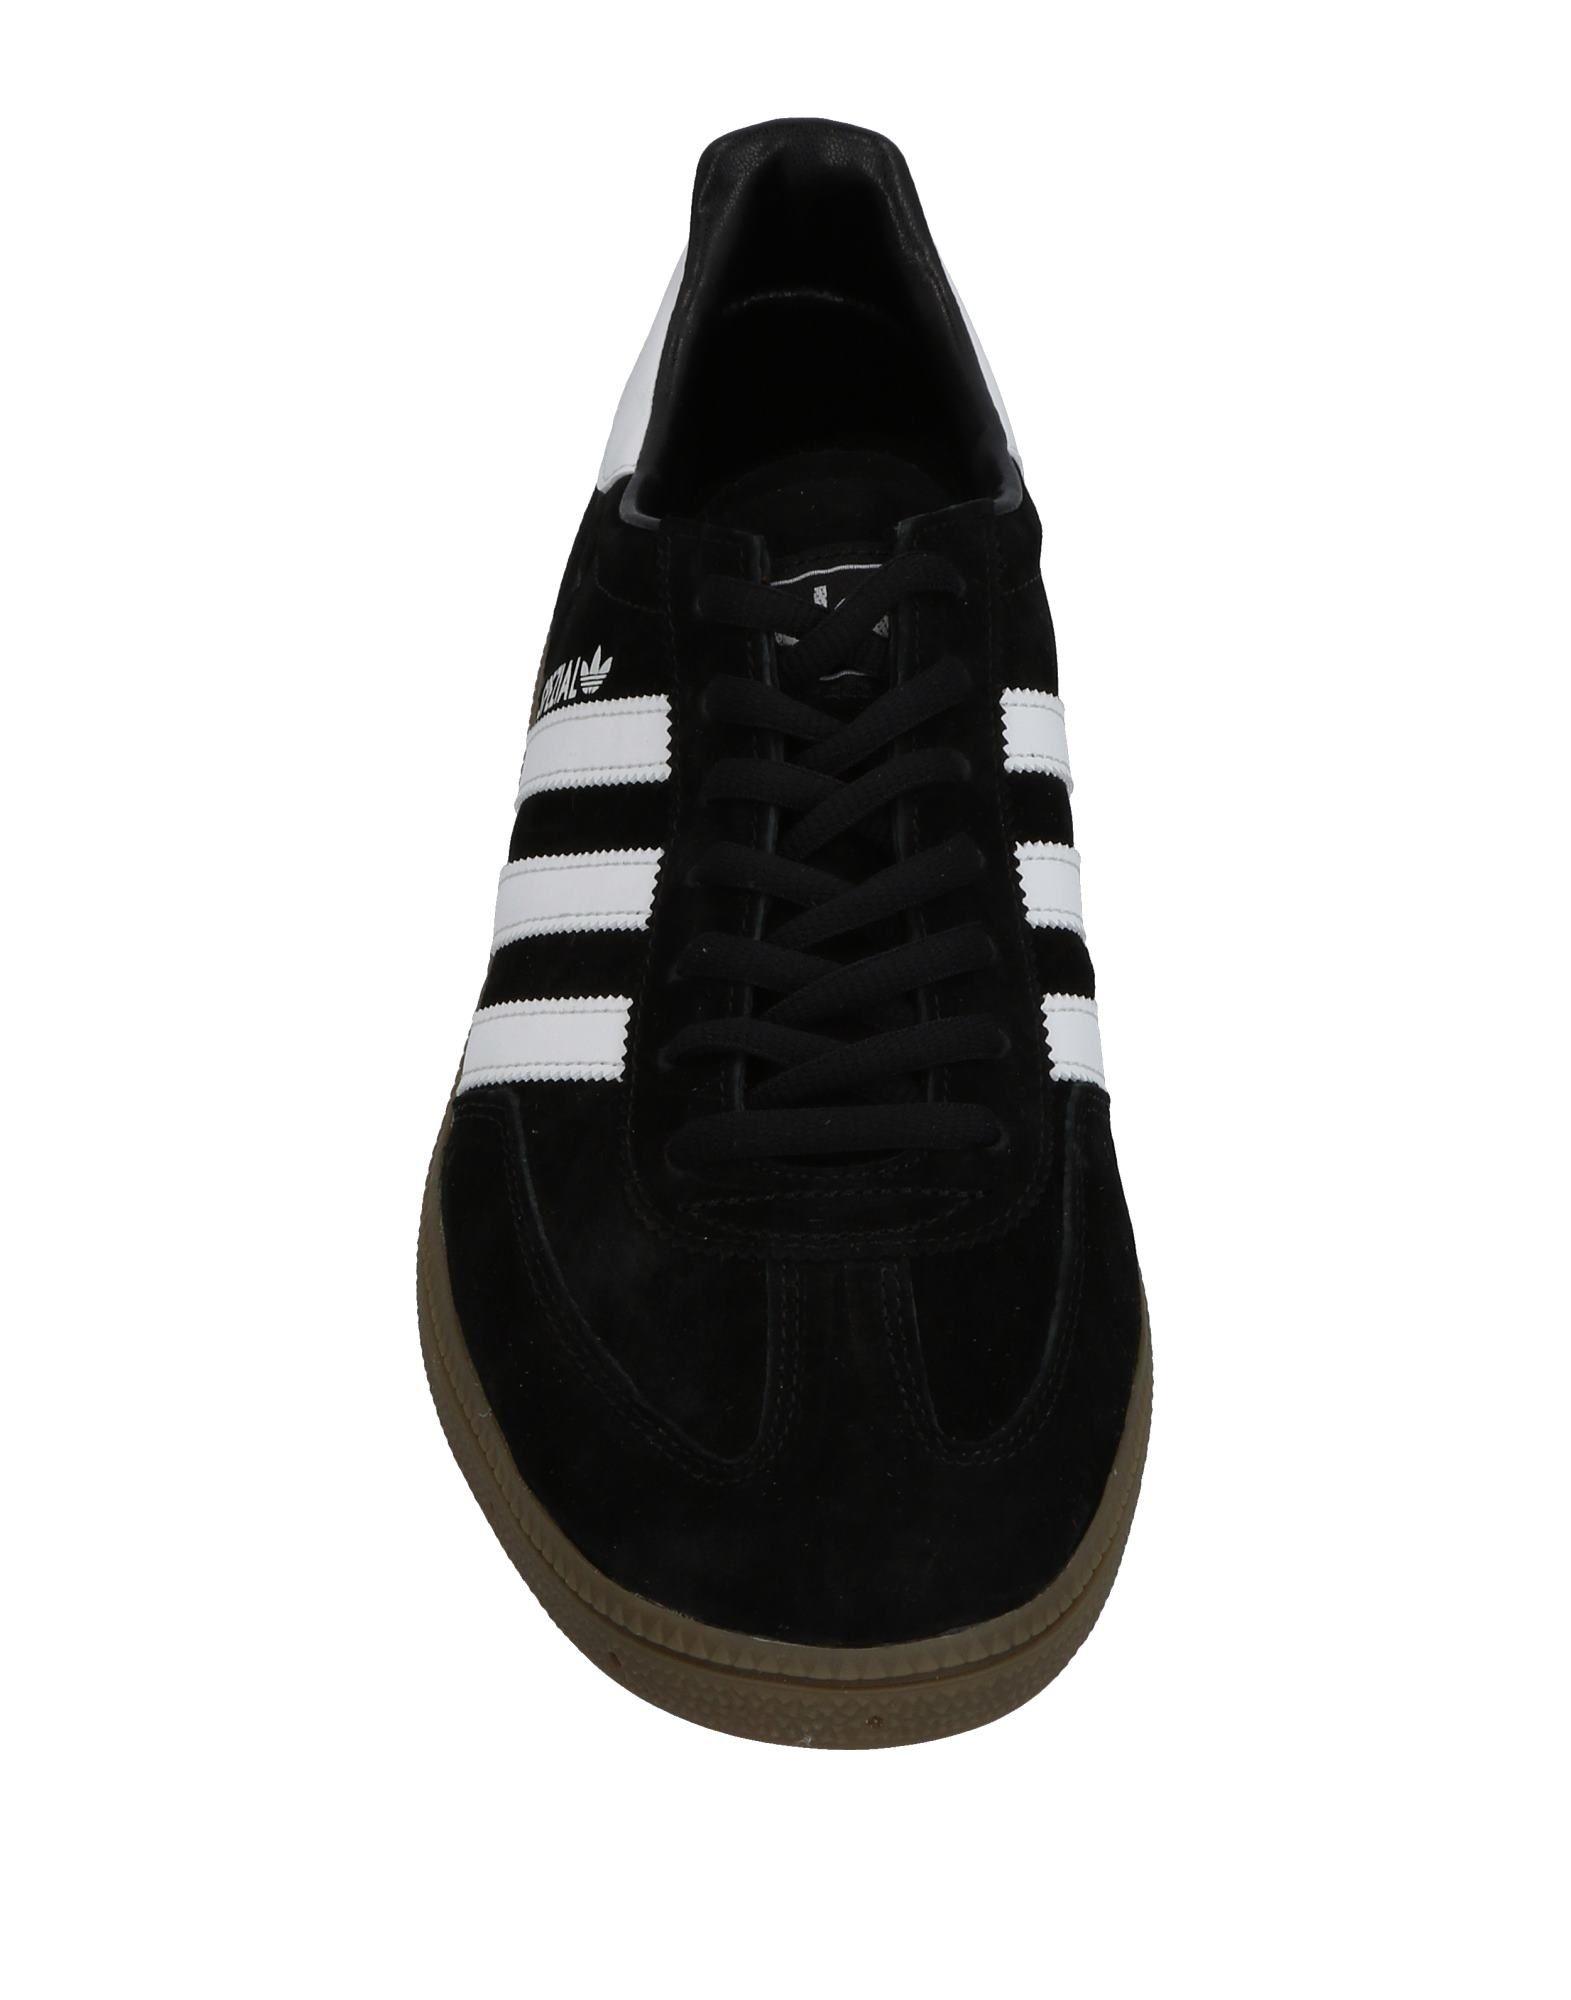 Rabatt echte Schuhe  Adidas Originals Sneakers Herren  Schuhe 11461222IJ 2c46df